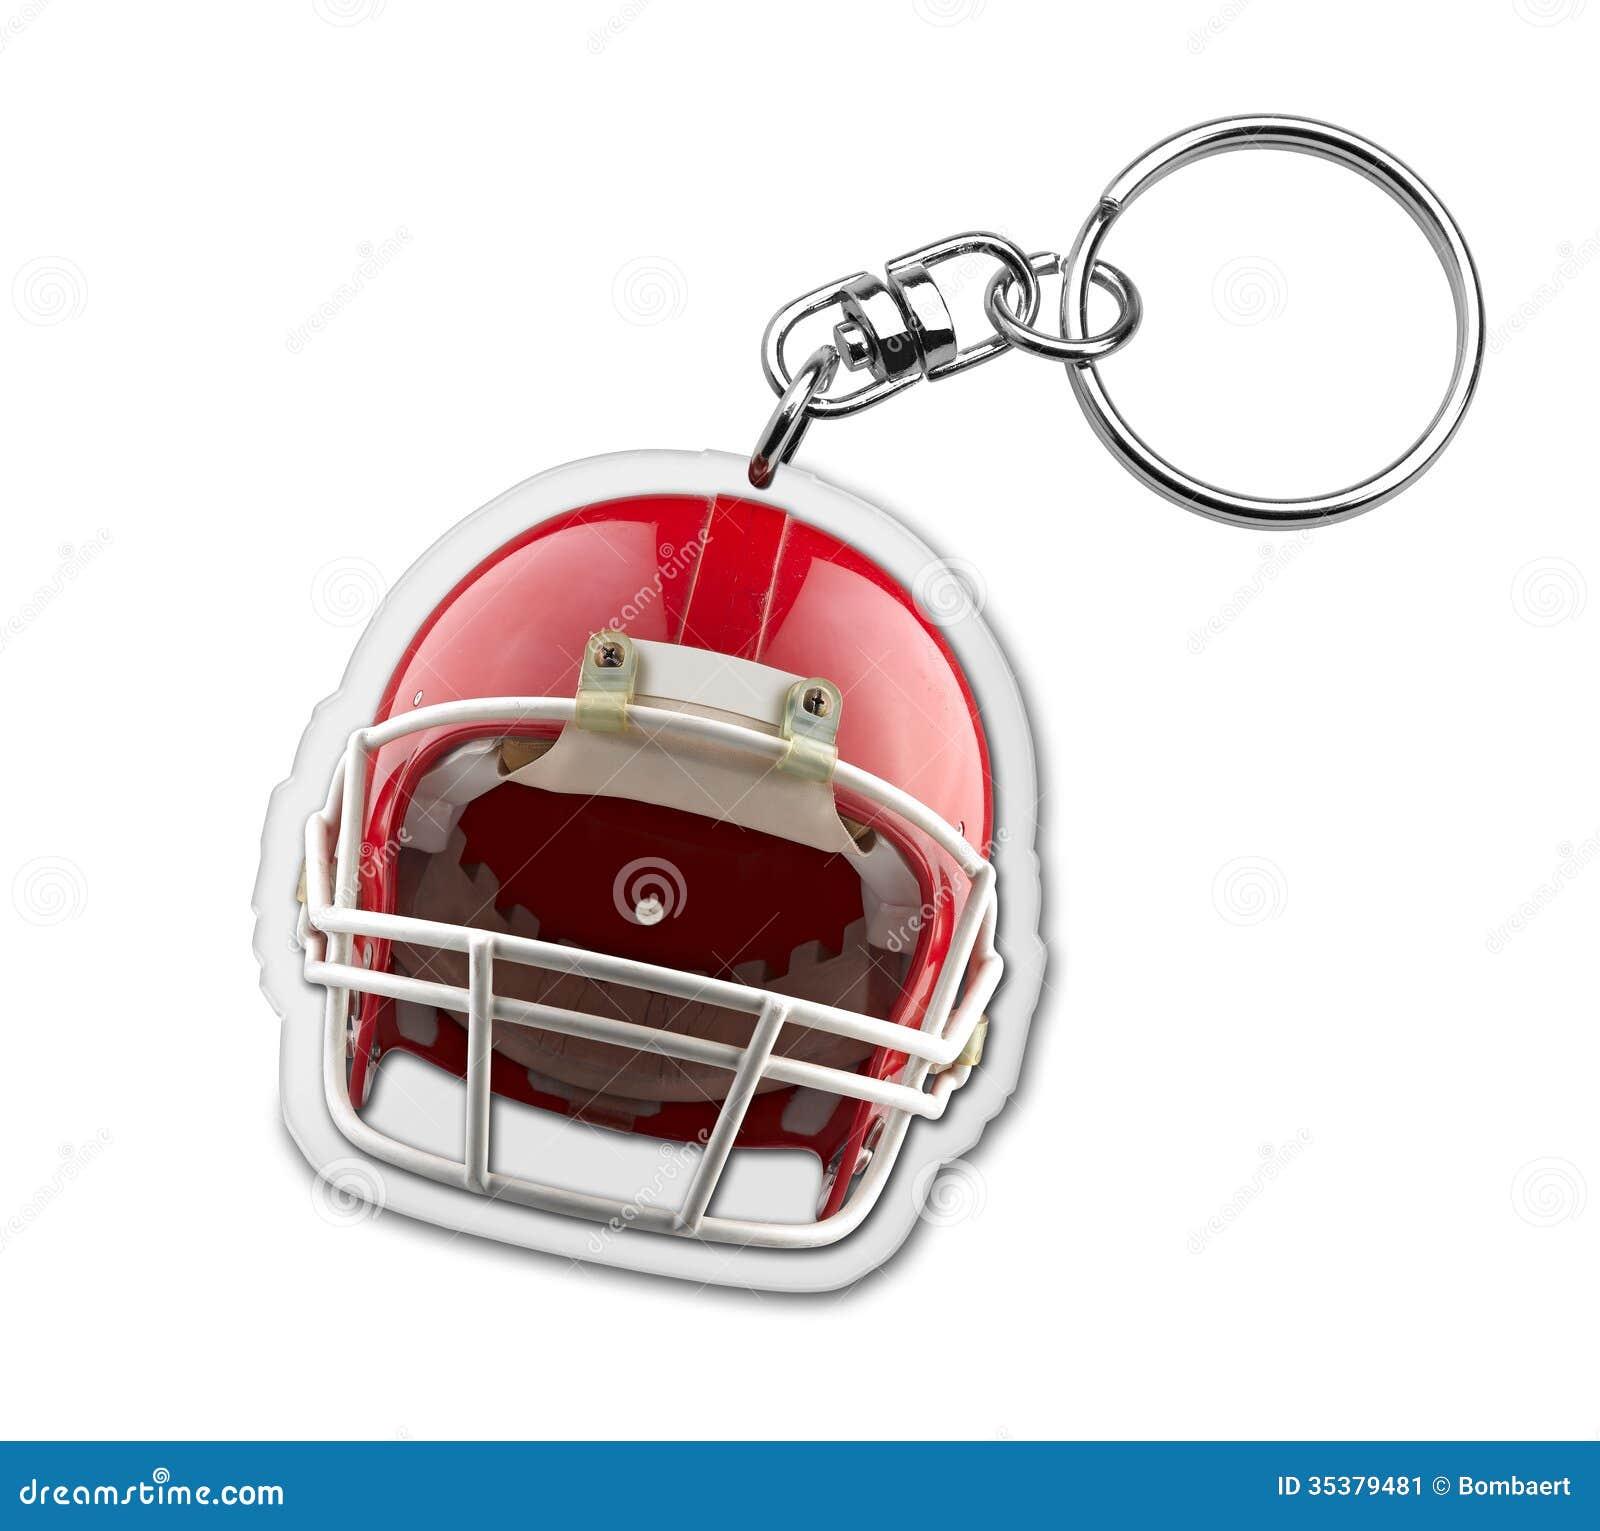 Keyholder подарка с символом шлема американского футбола